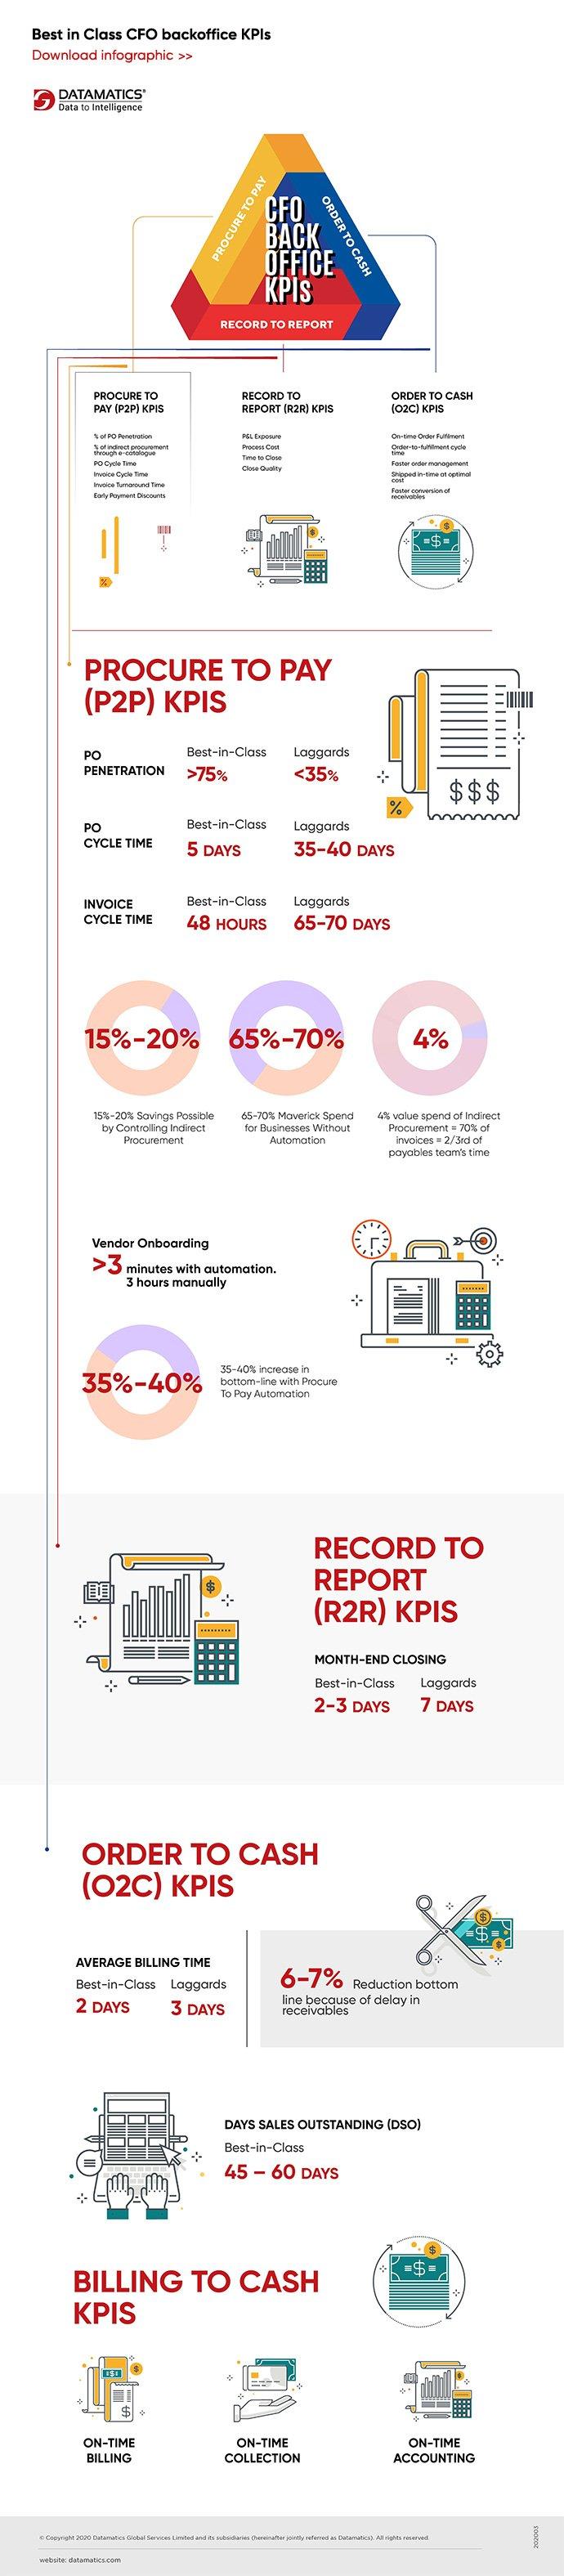 CFO Back-Office KPIs Infographic